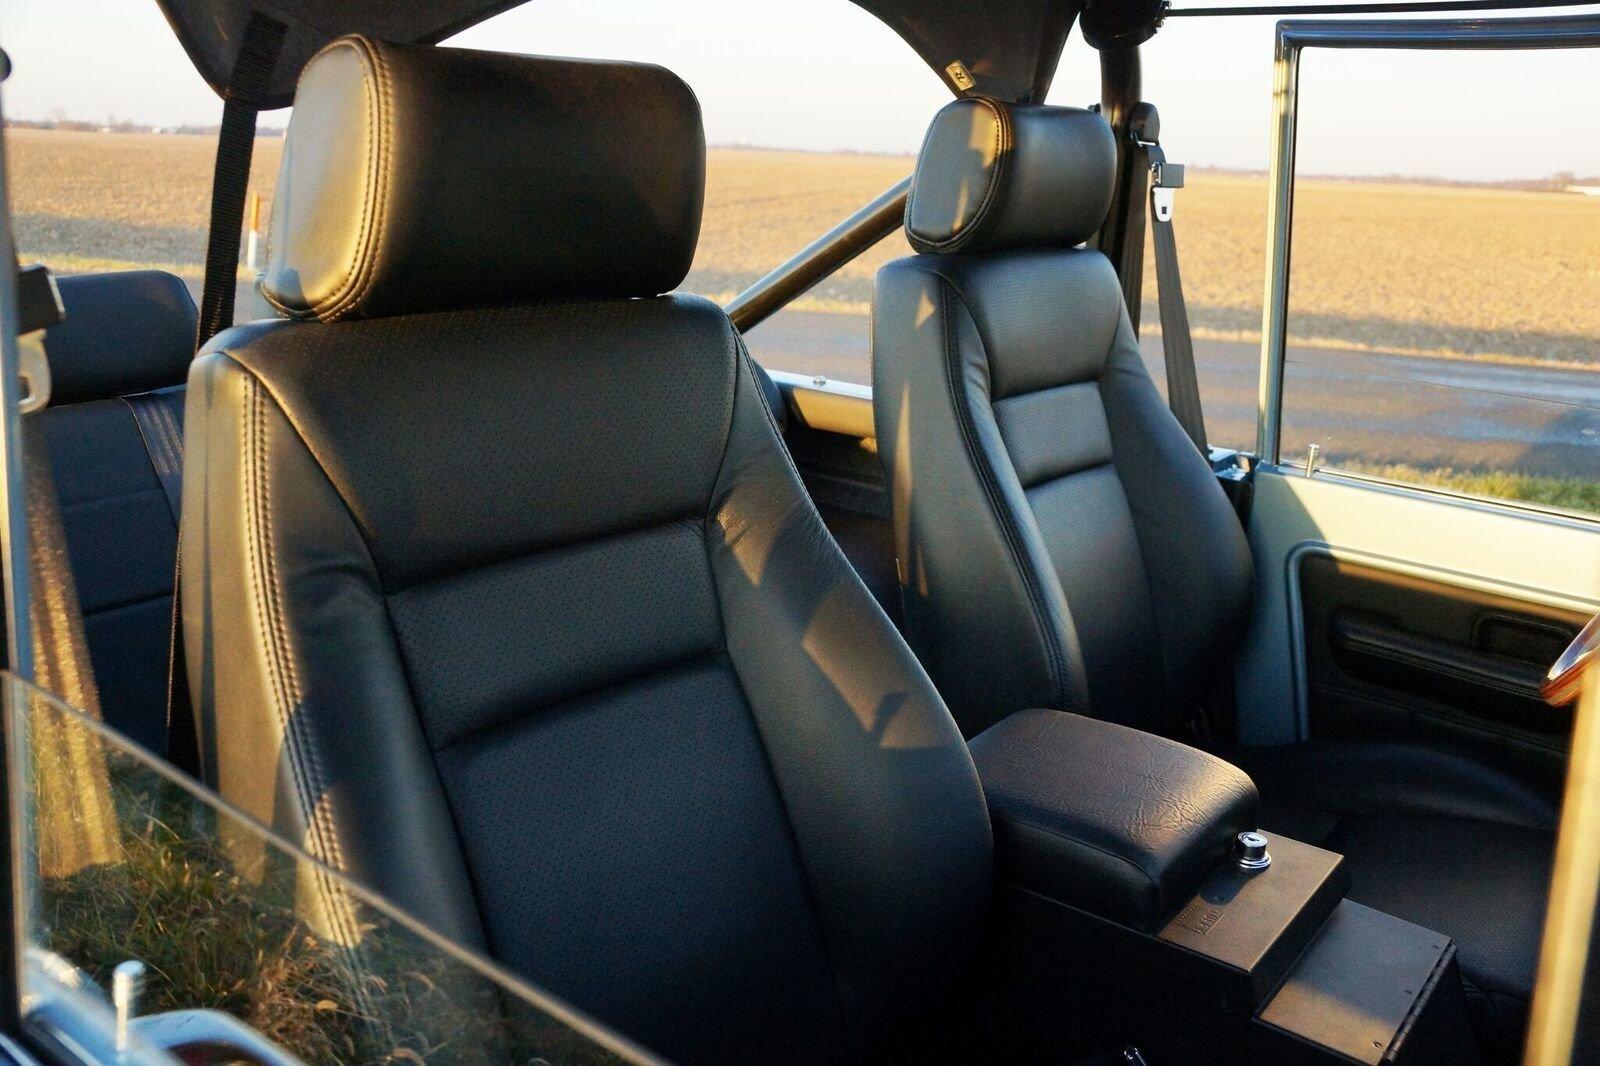 Gateway Bronco seats